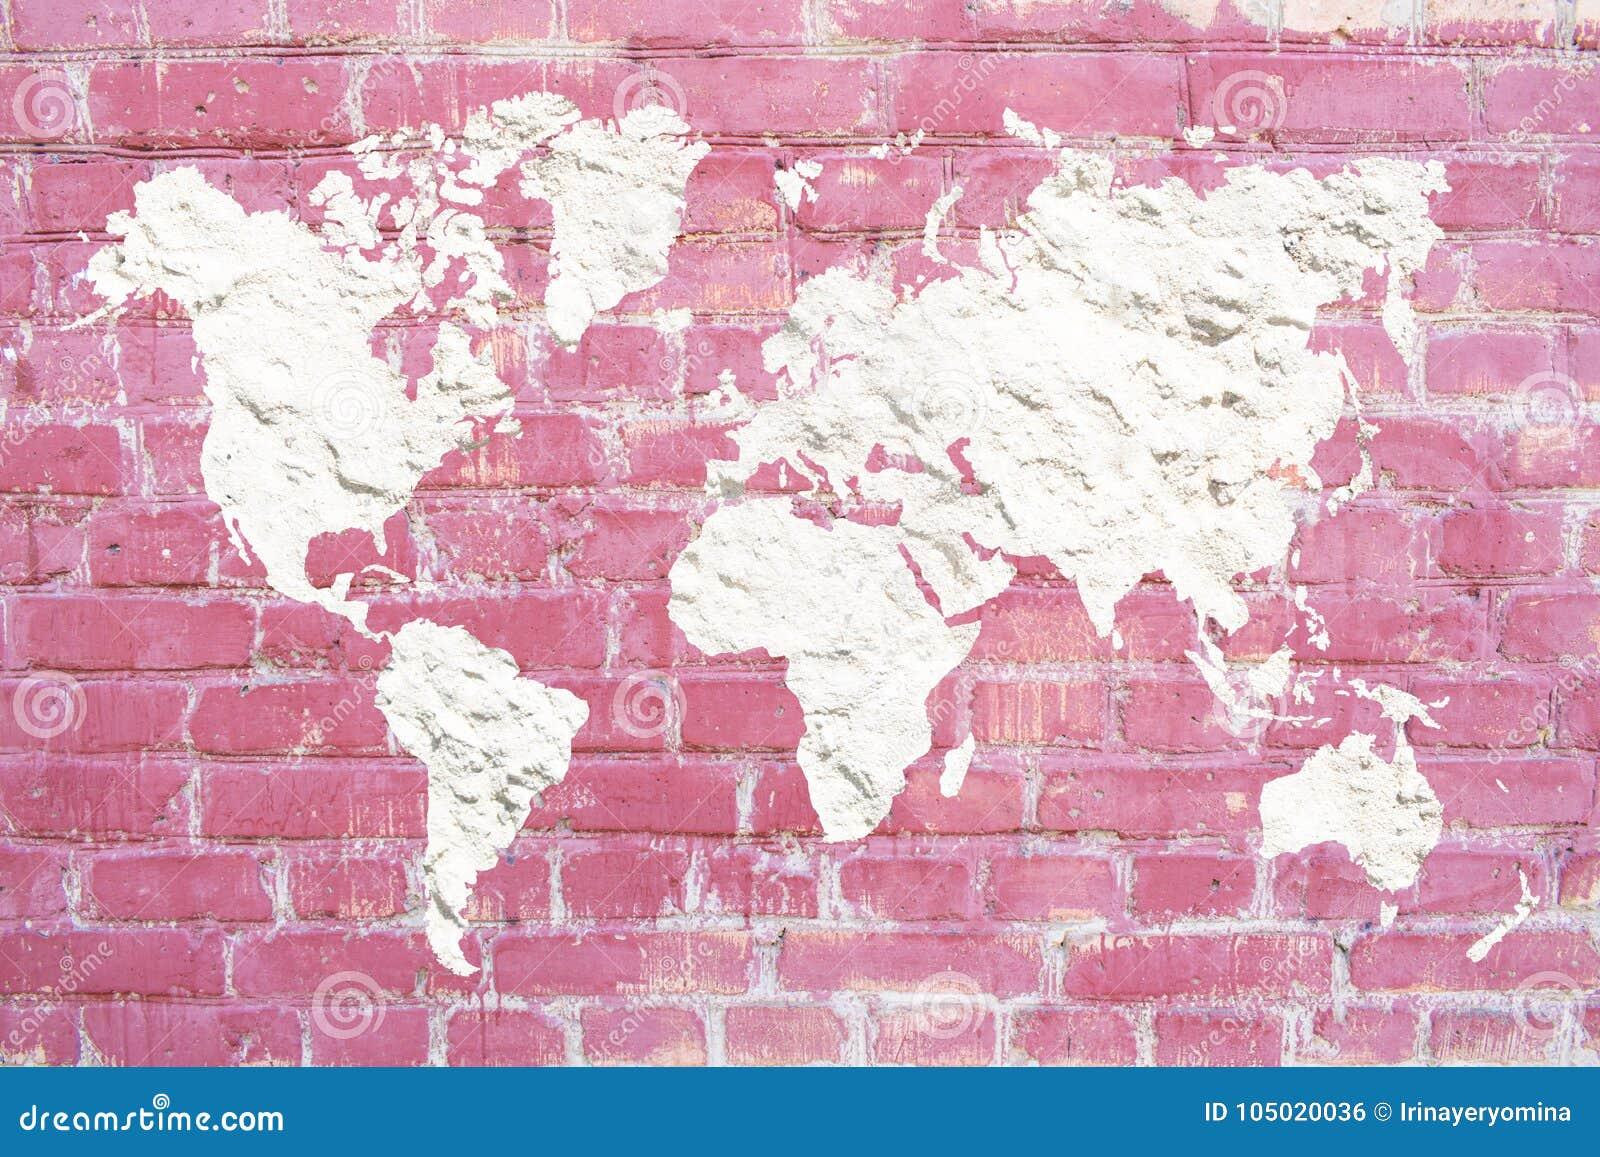 World Map Contours Stock Photos